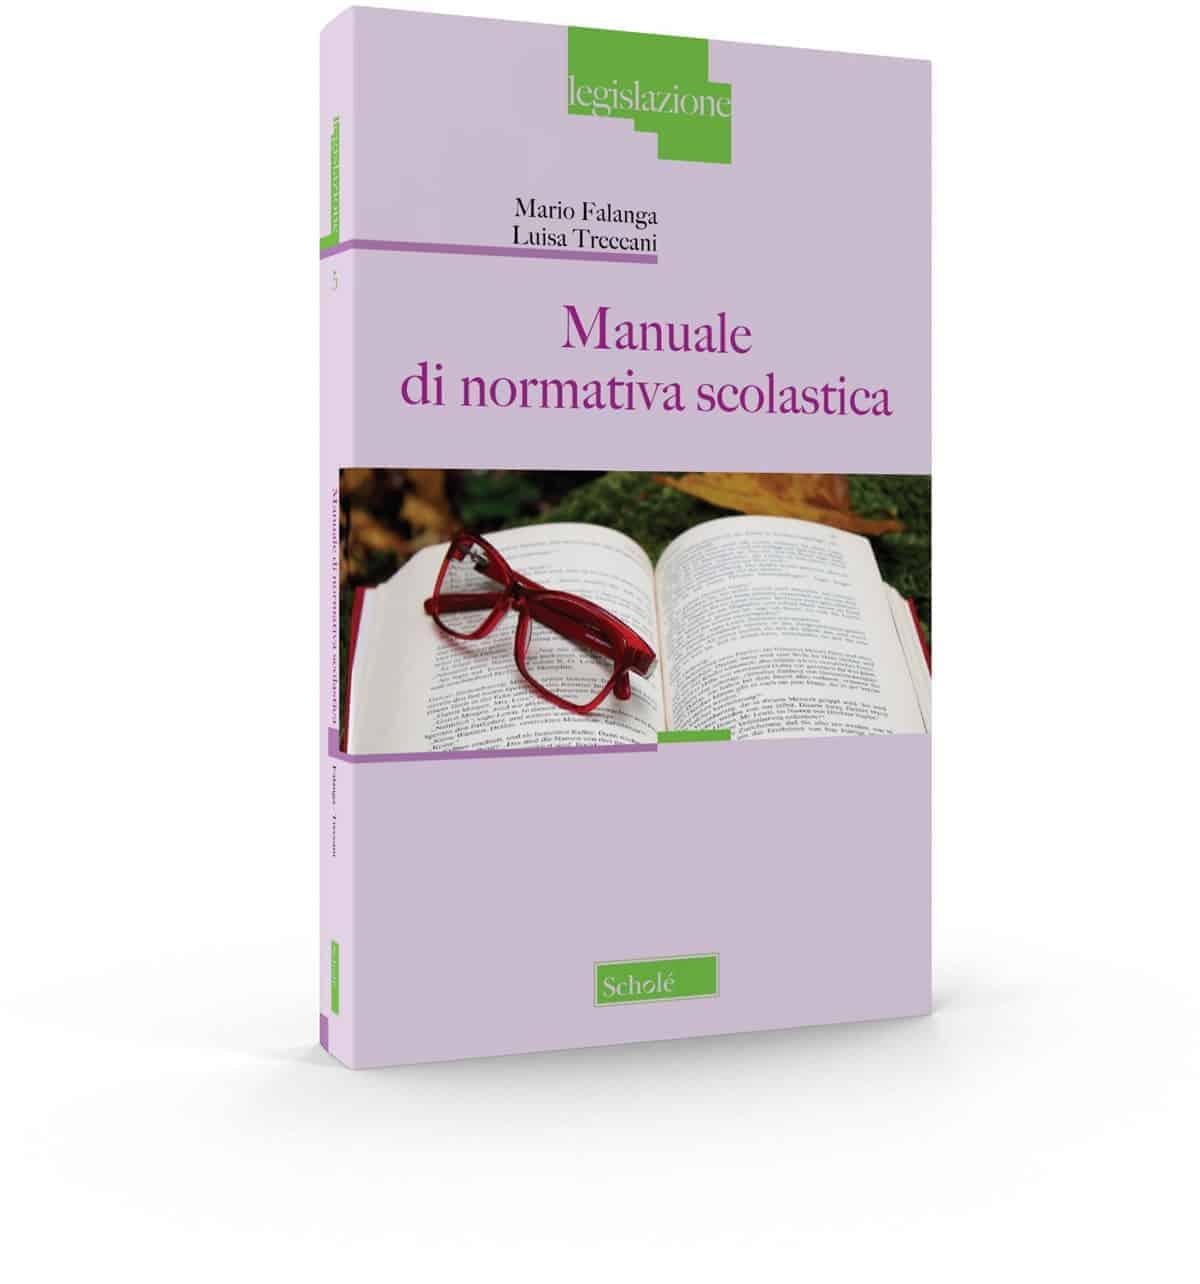 Manuale Normativa Scolastica